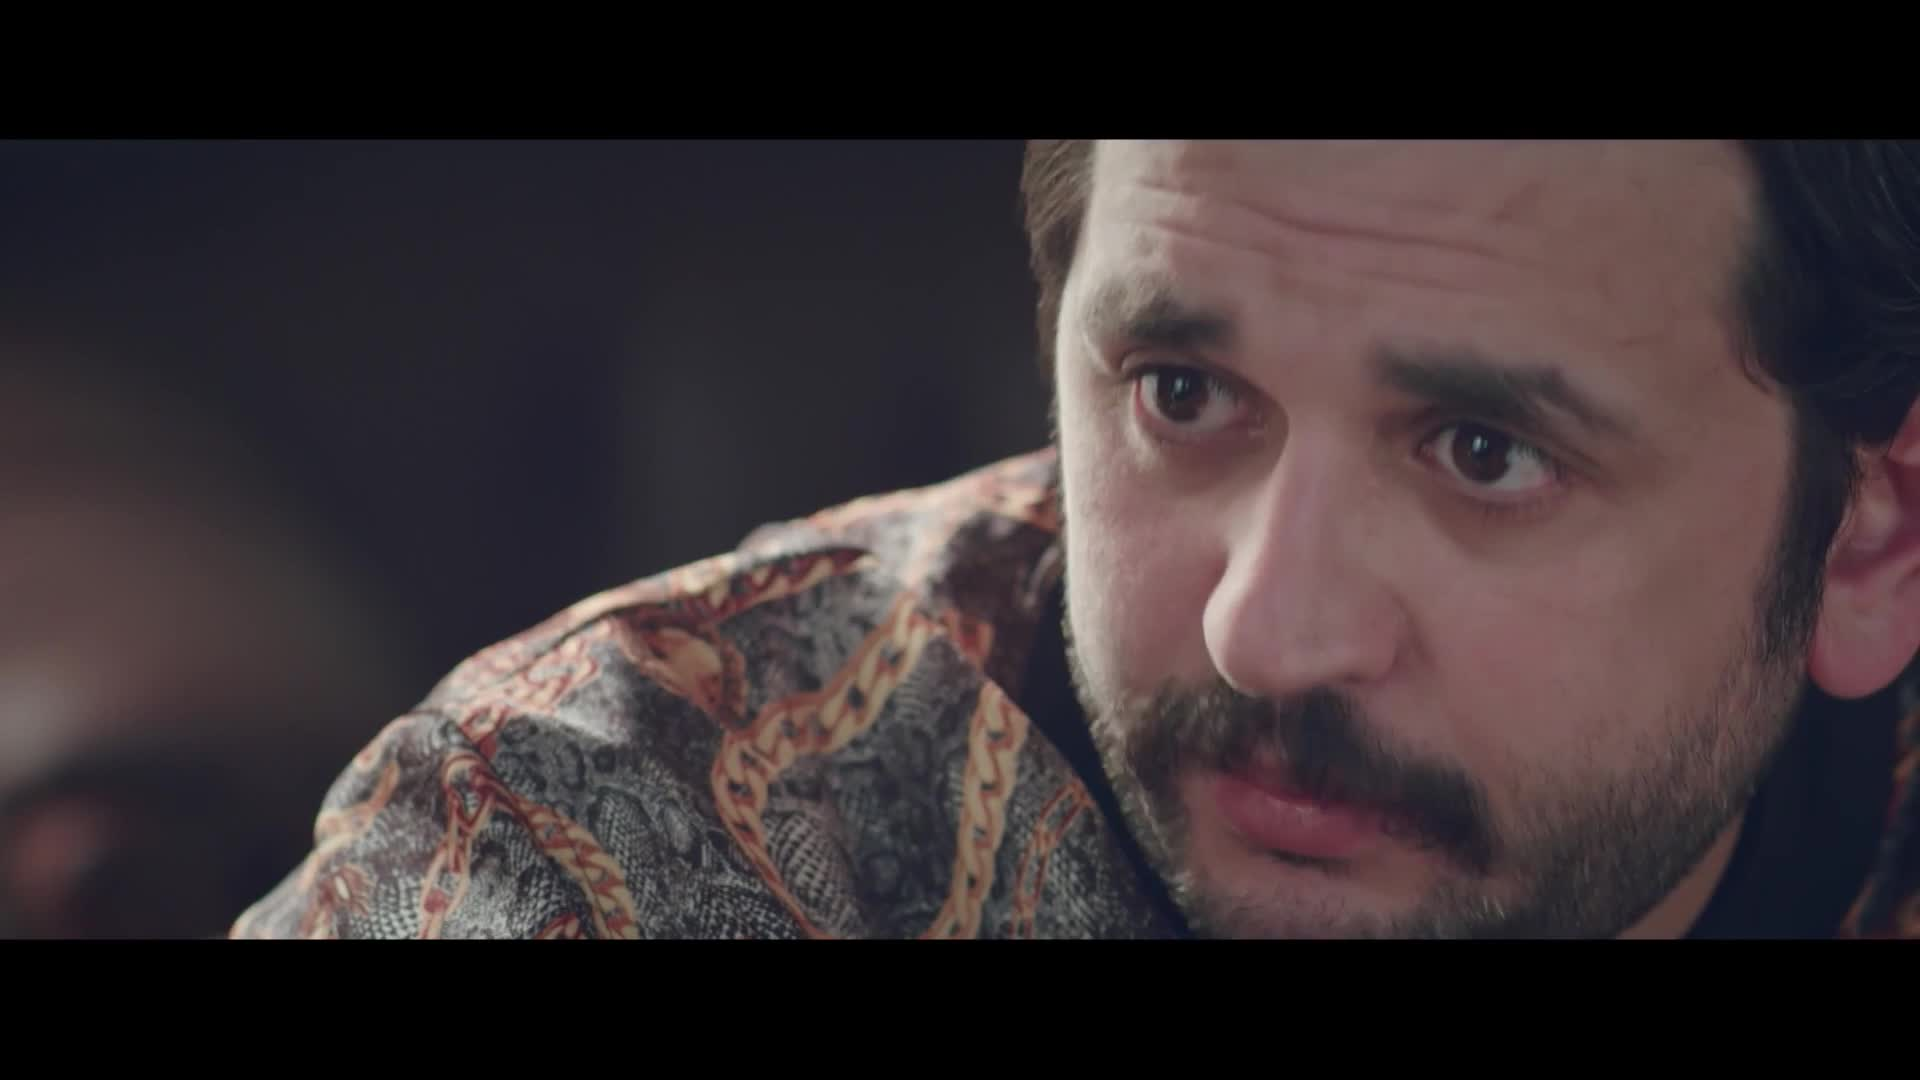 المسلسل المصري طلقة حظ [2019][WEB DL][1080p] تحميل تورنت 21 arabp2p.com